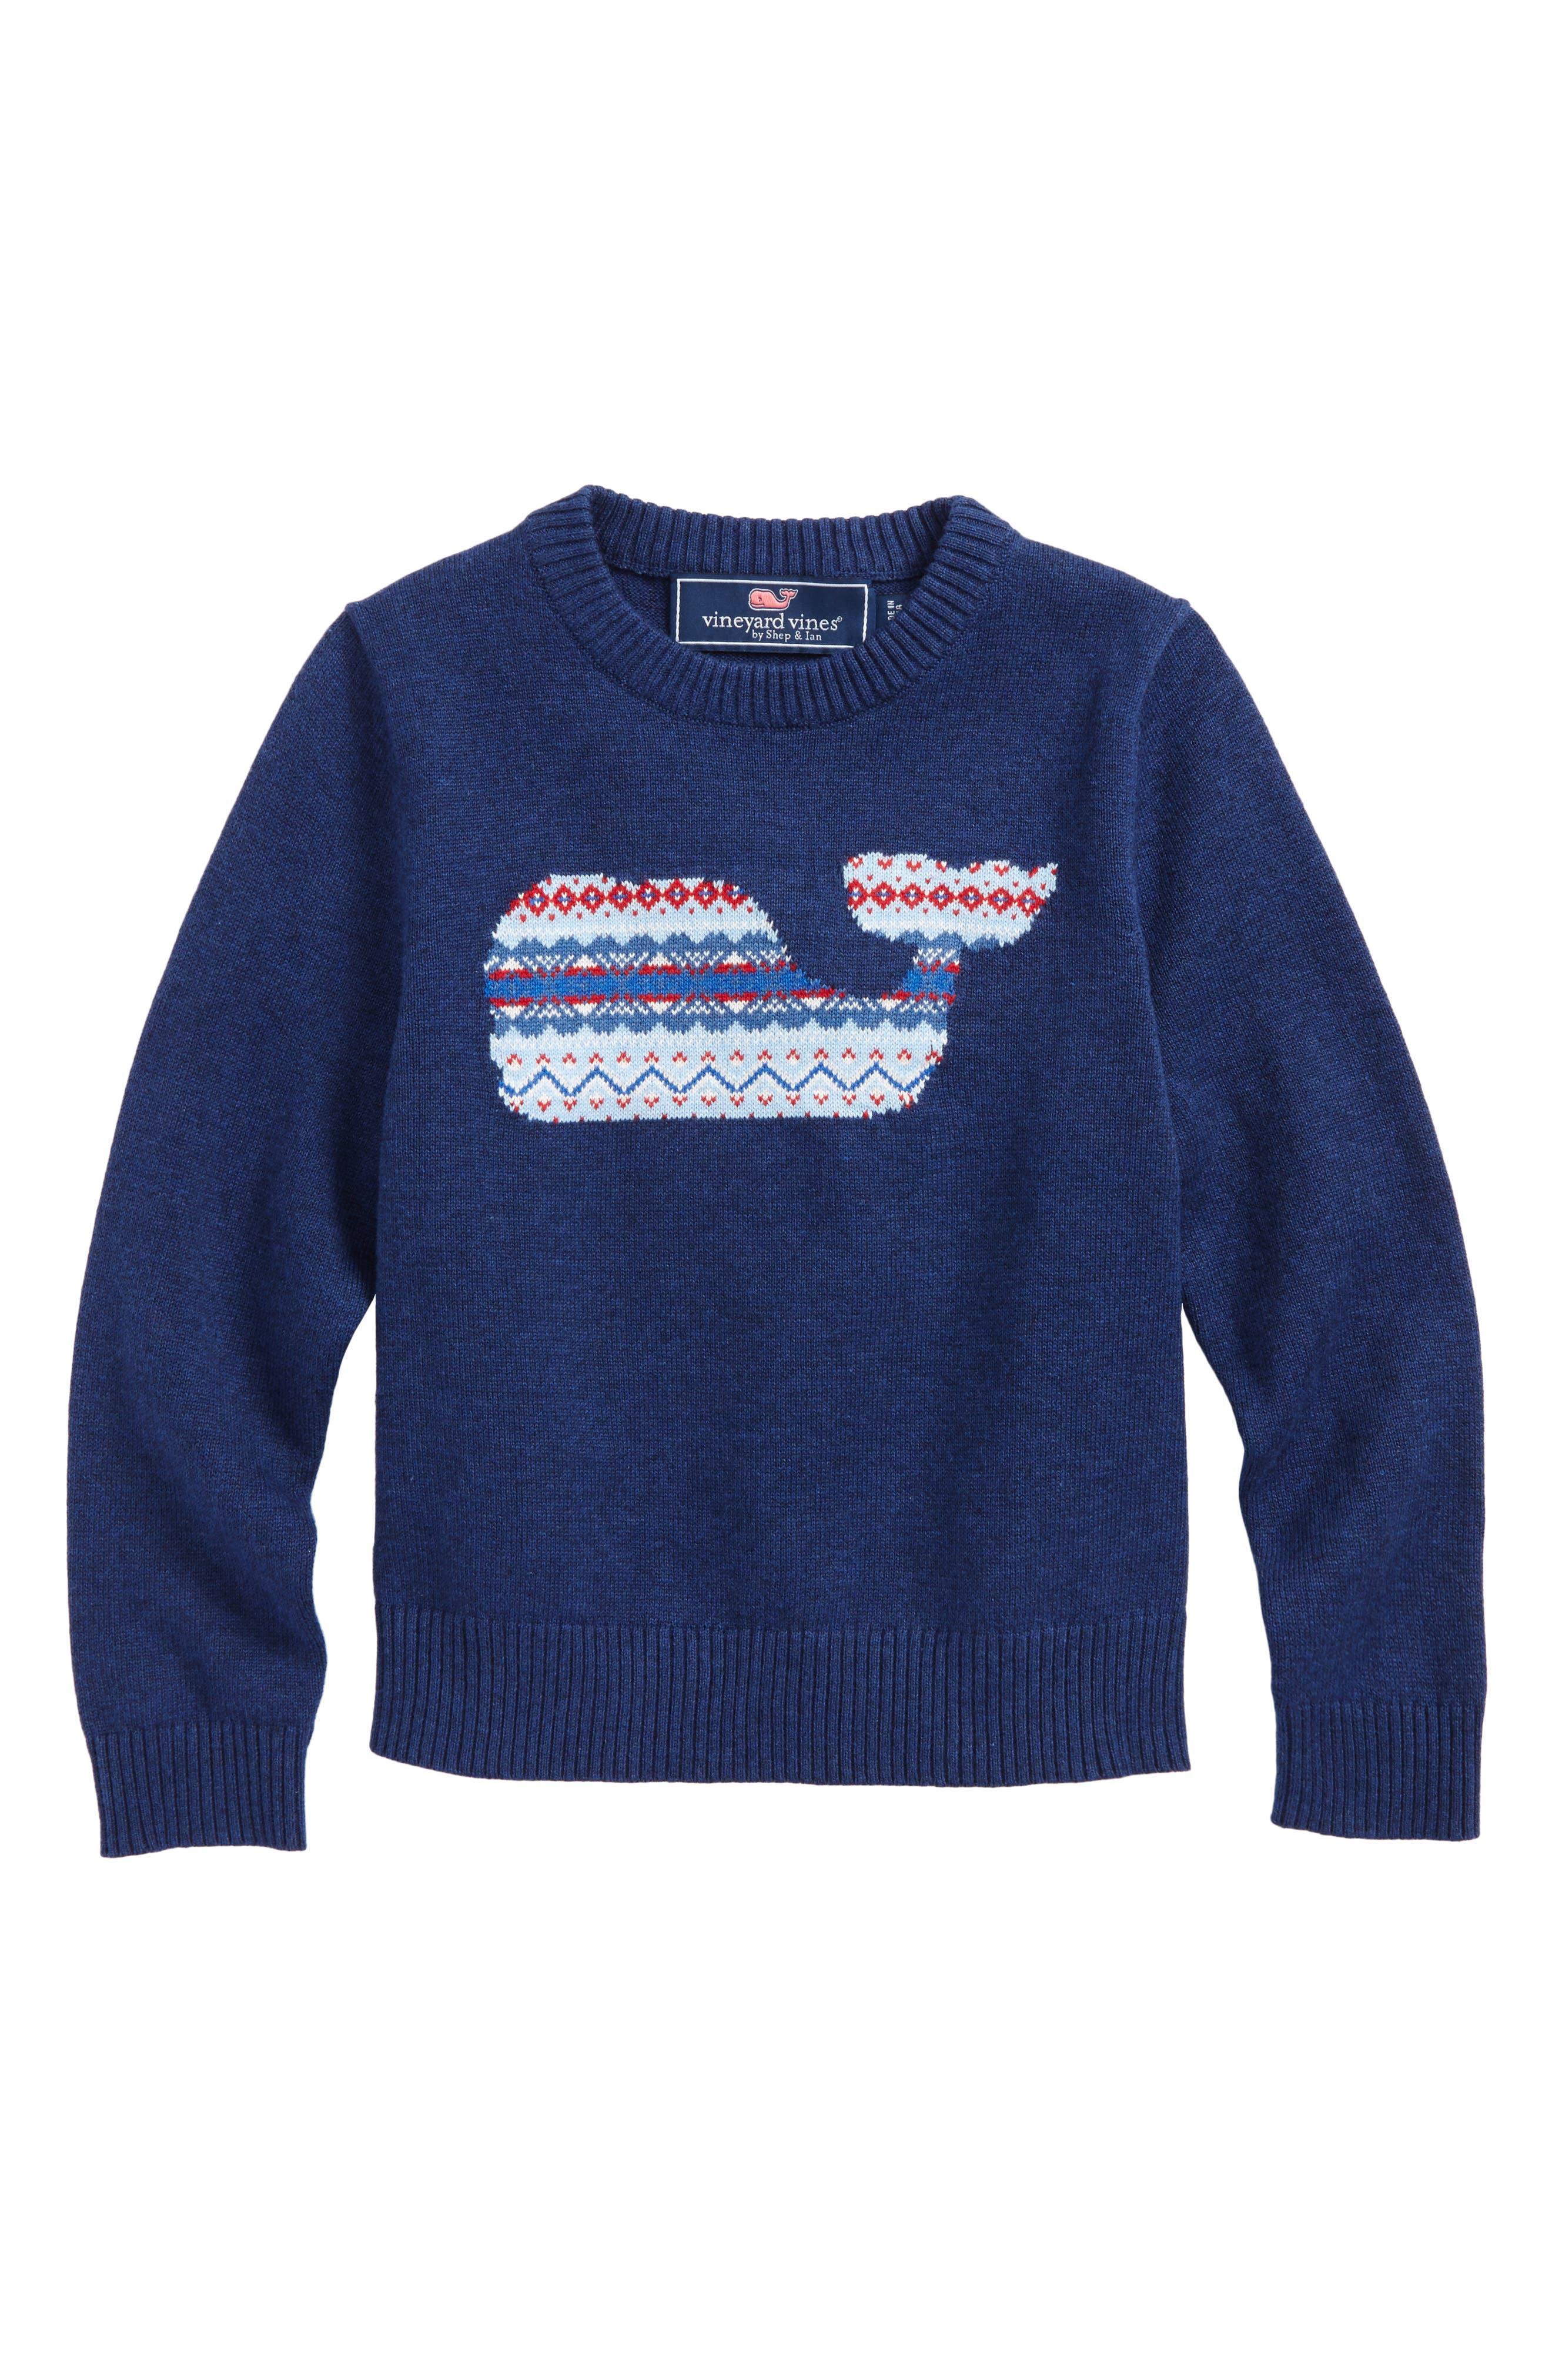 Whale Isle Intarsia Sweater,                             Main thumbnail 1, color,